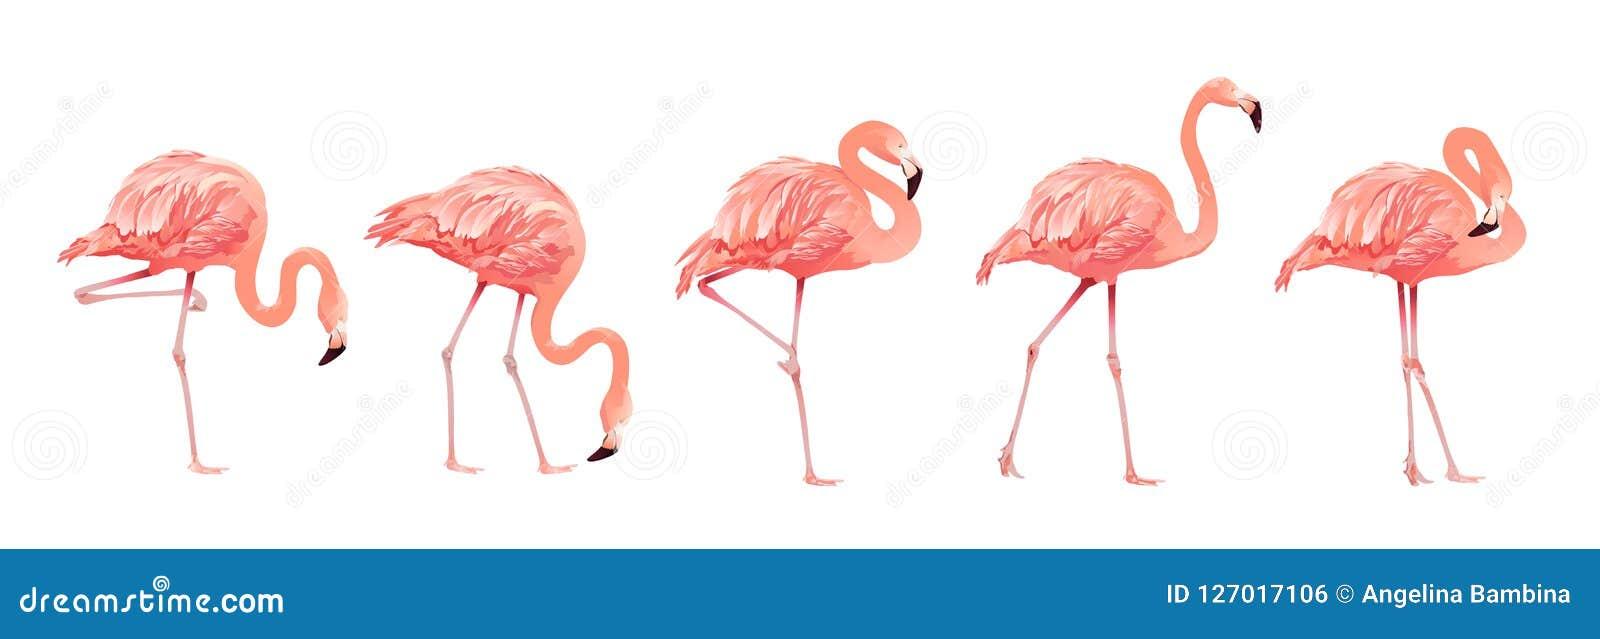 Stil för design för lägenhet för symbol för rosa flamingofågeluppsättning som tropisk lös härlig exotisk isoleras på vit bakgrund